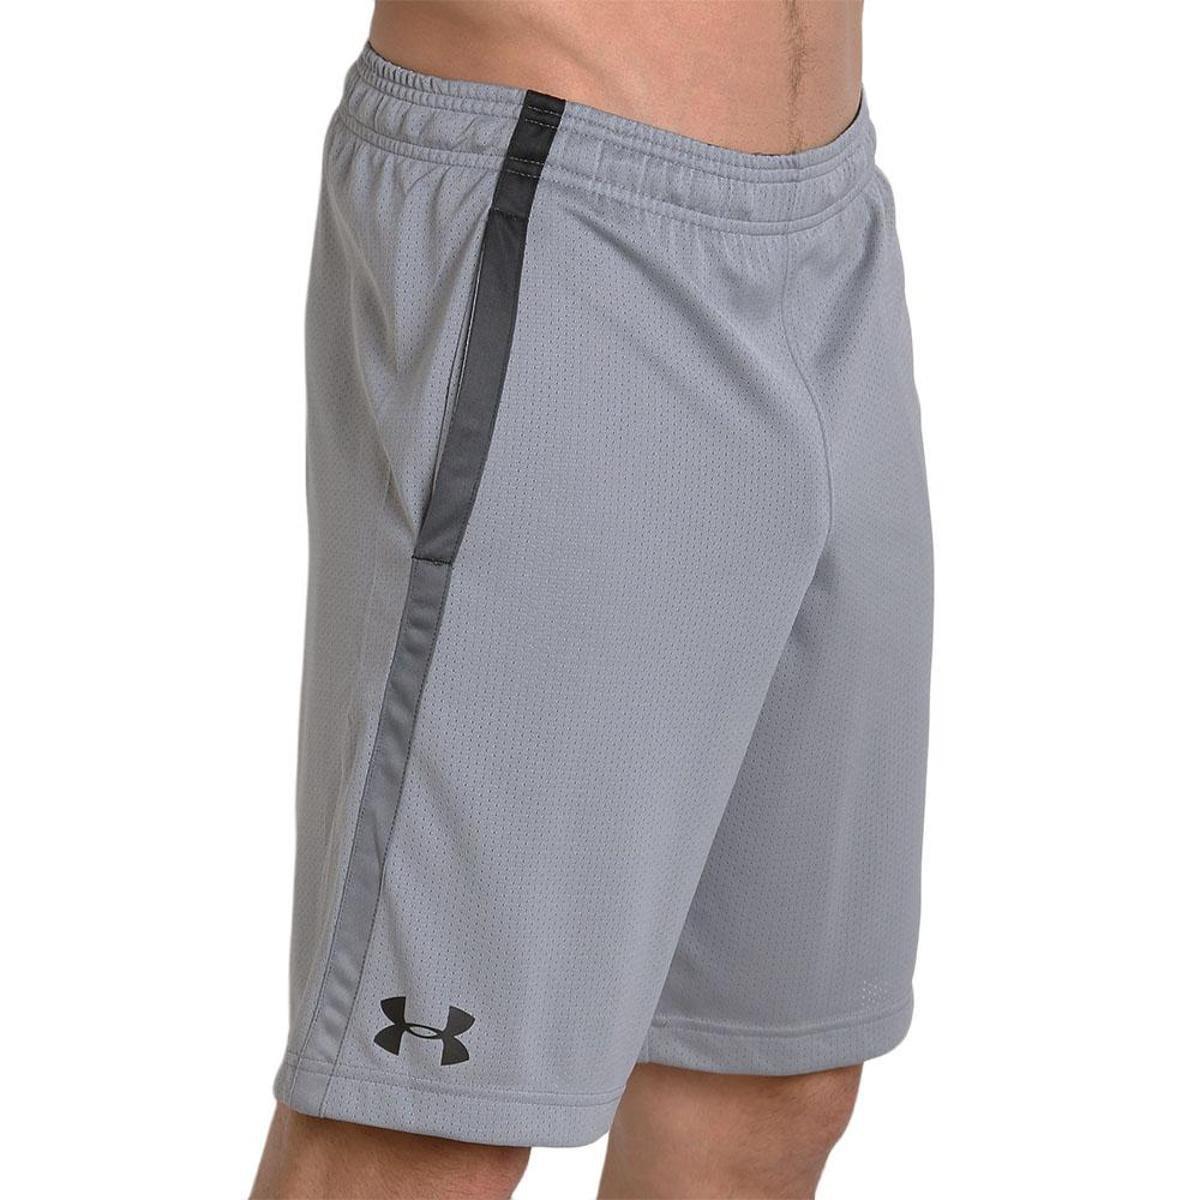 45ef9822a8d1c Shorts Under Armour Tech Mesh - Compre Agora